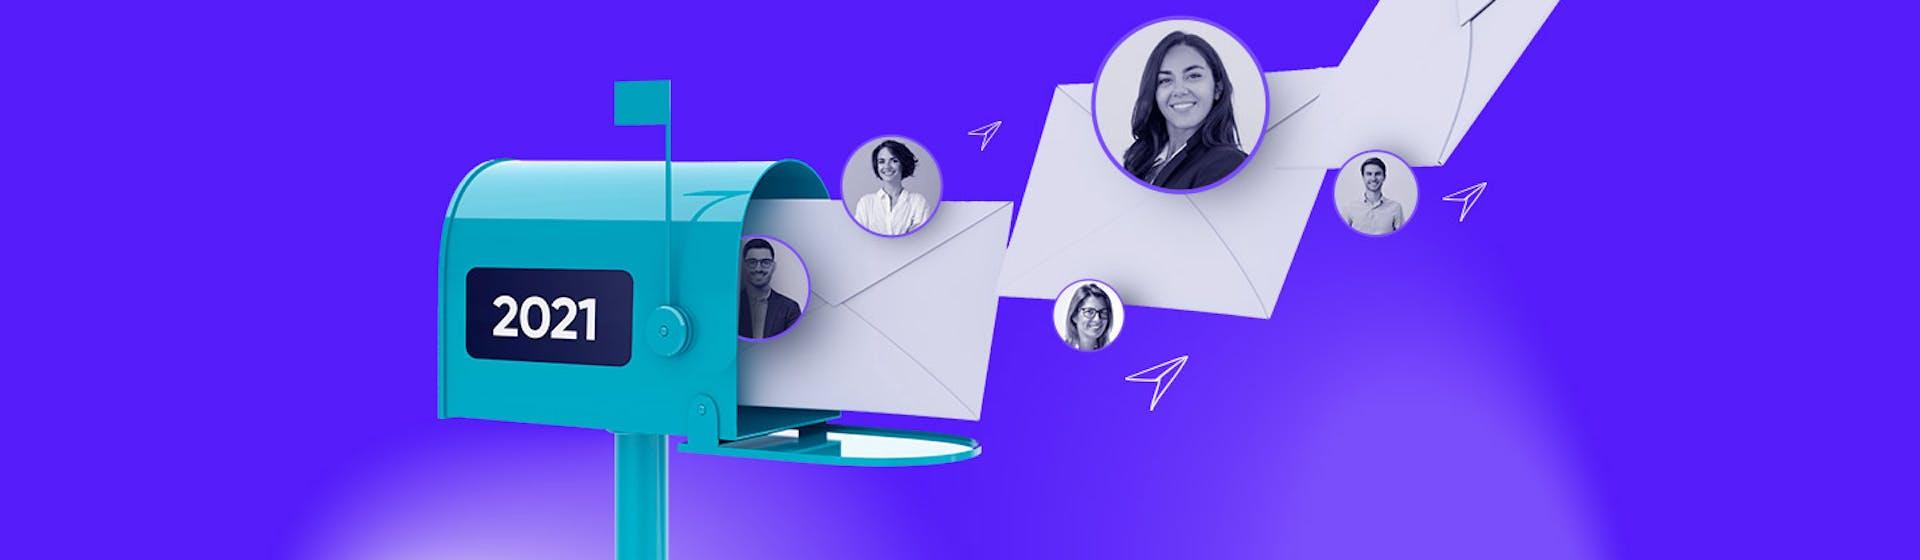 Campaña de email marketing: +5 ideas para impactar a las audiencias digitales